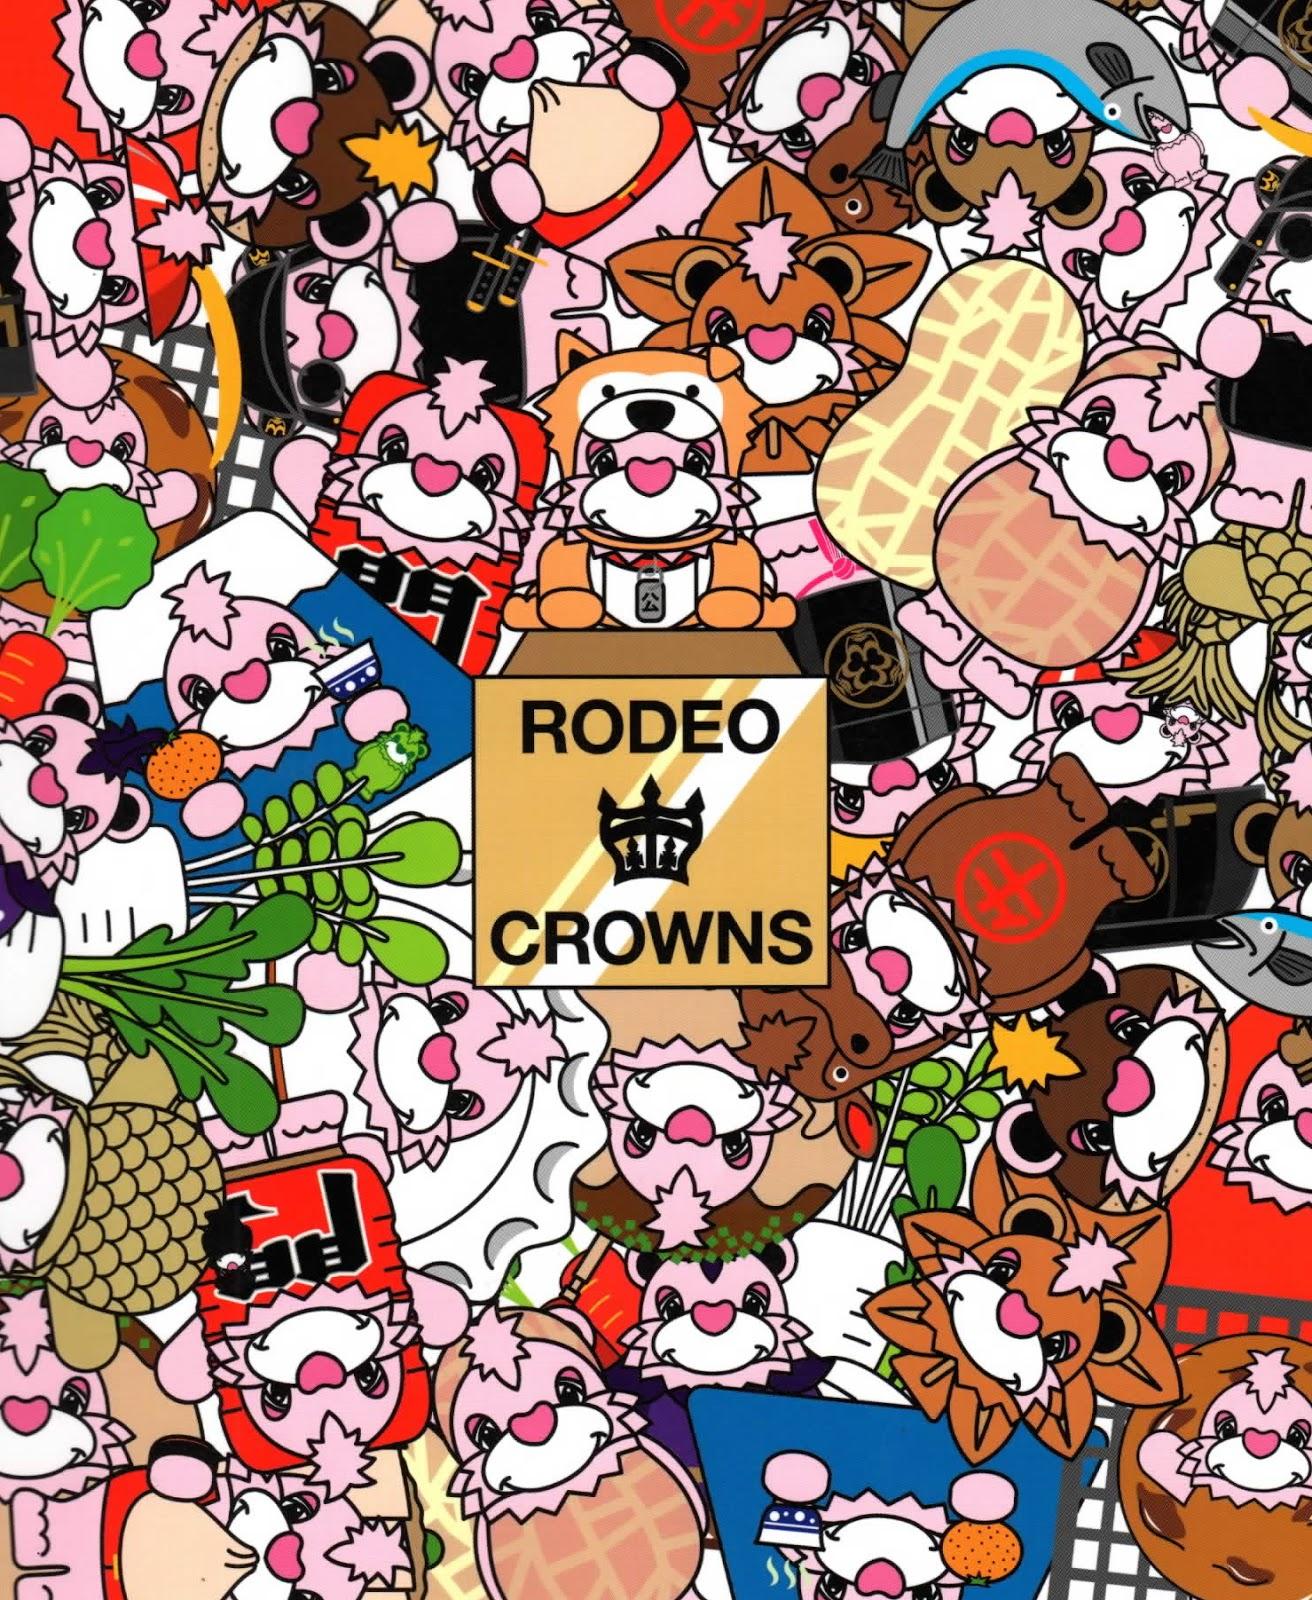 トップコレクション ロデオ クラウンズ 壁紙 トップの壁紙はこちら